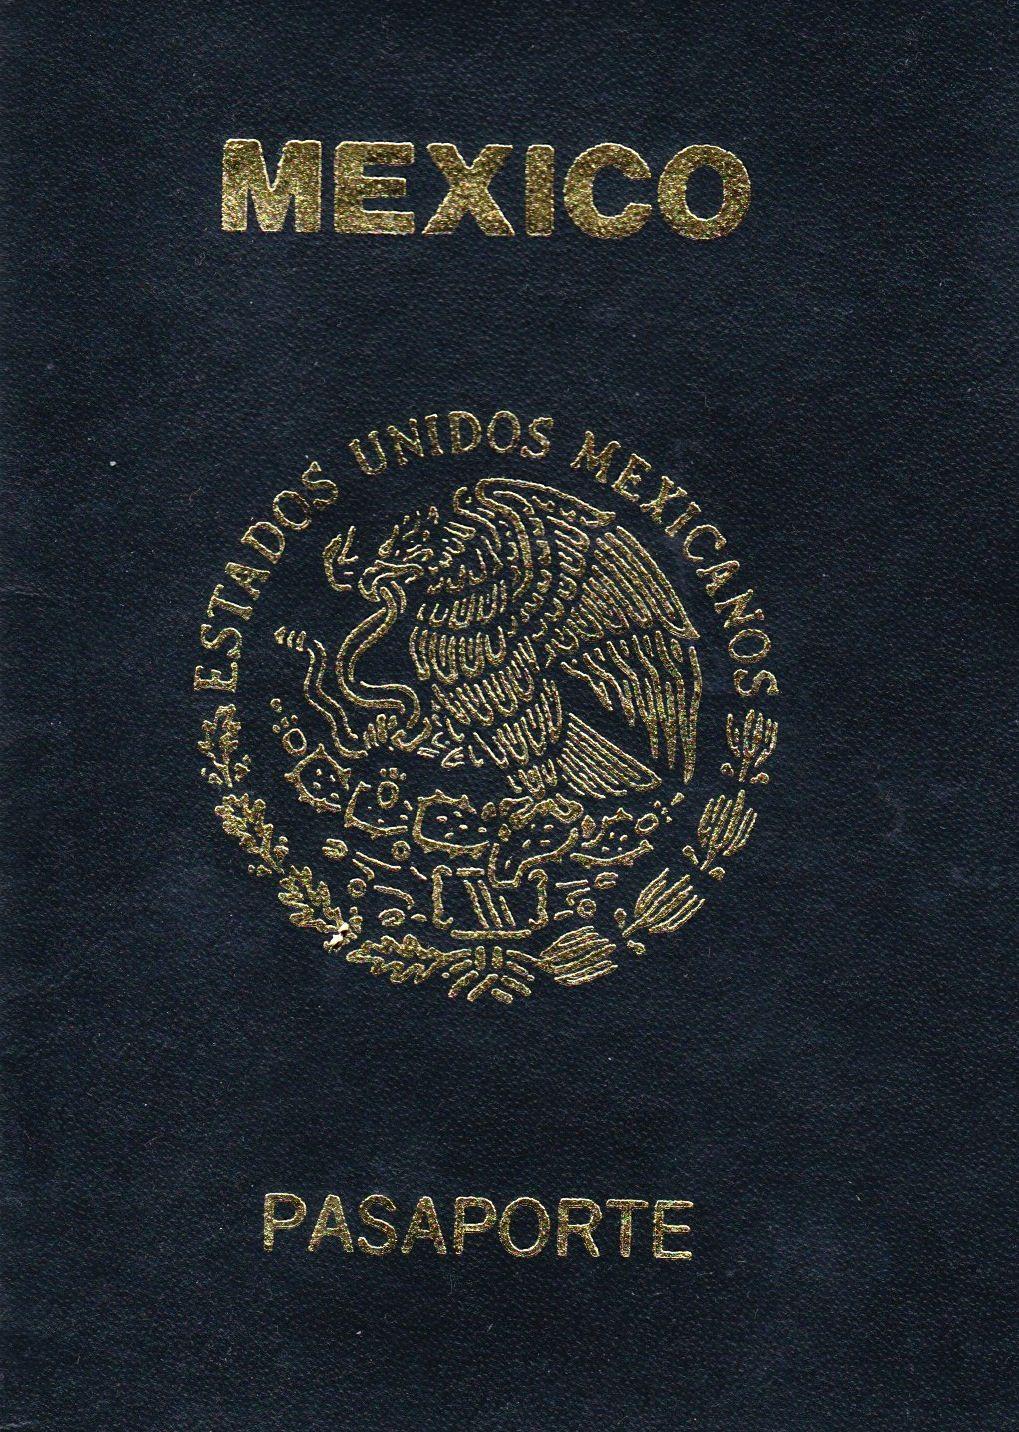 Mexican Passport, Mexico  Travel The World En 2019 -1717